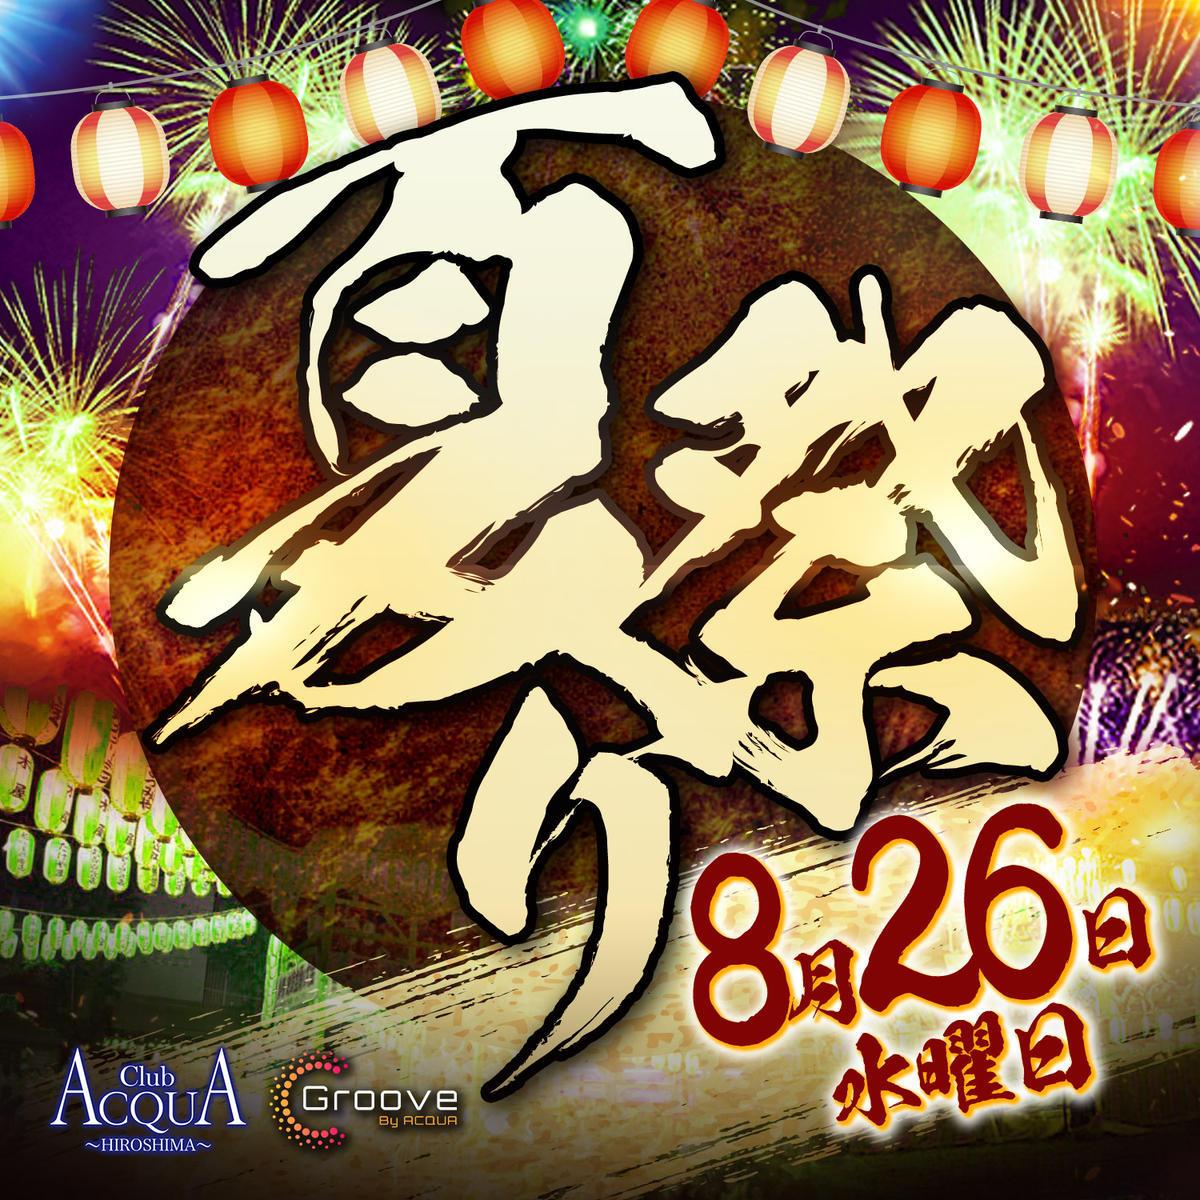 広島ACQUA -HIROSHIMA-のイベント「夏祭り」のポスターデザイン